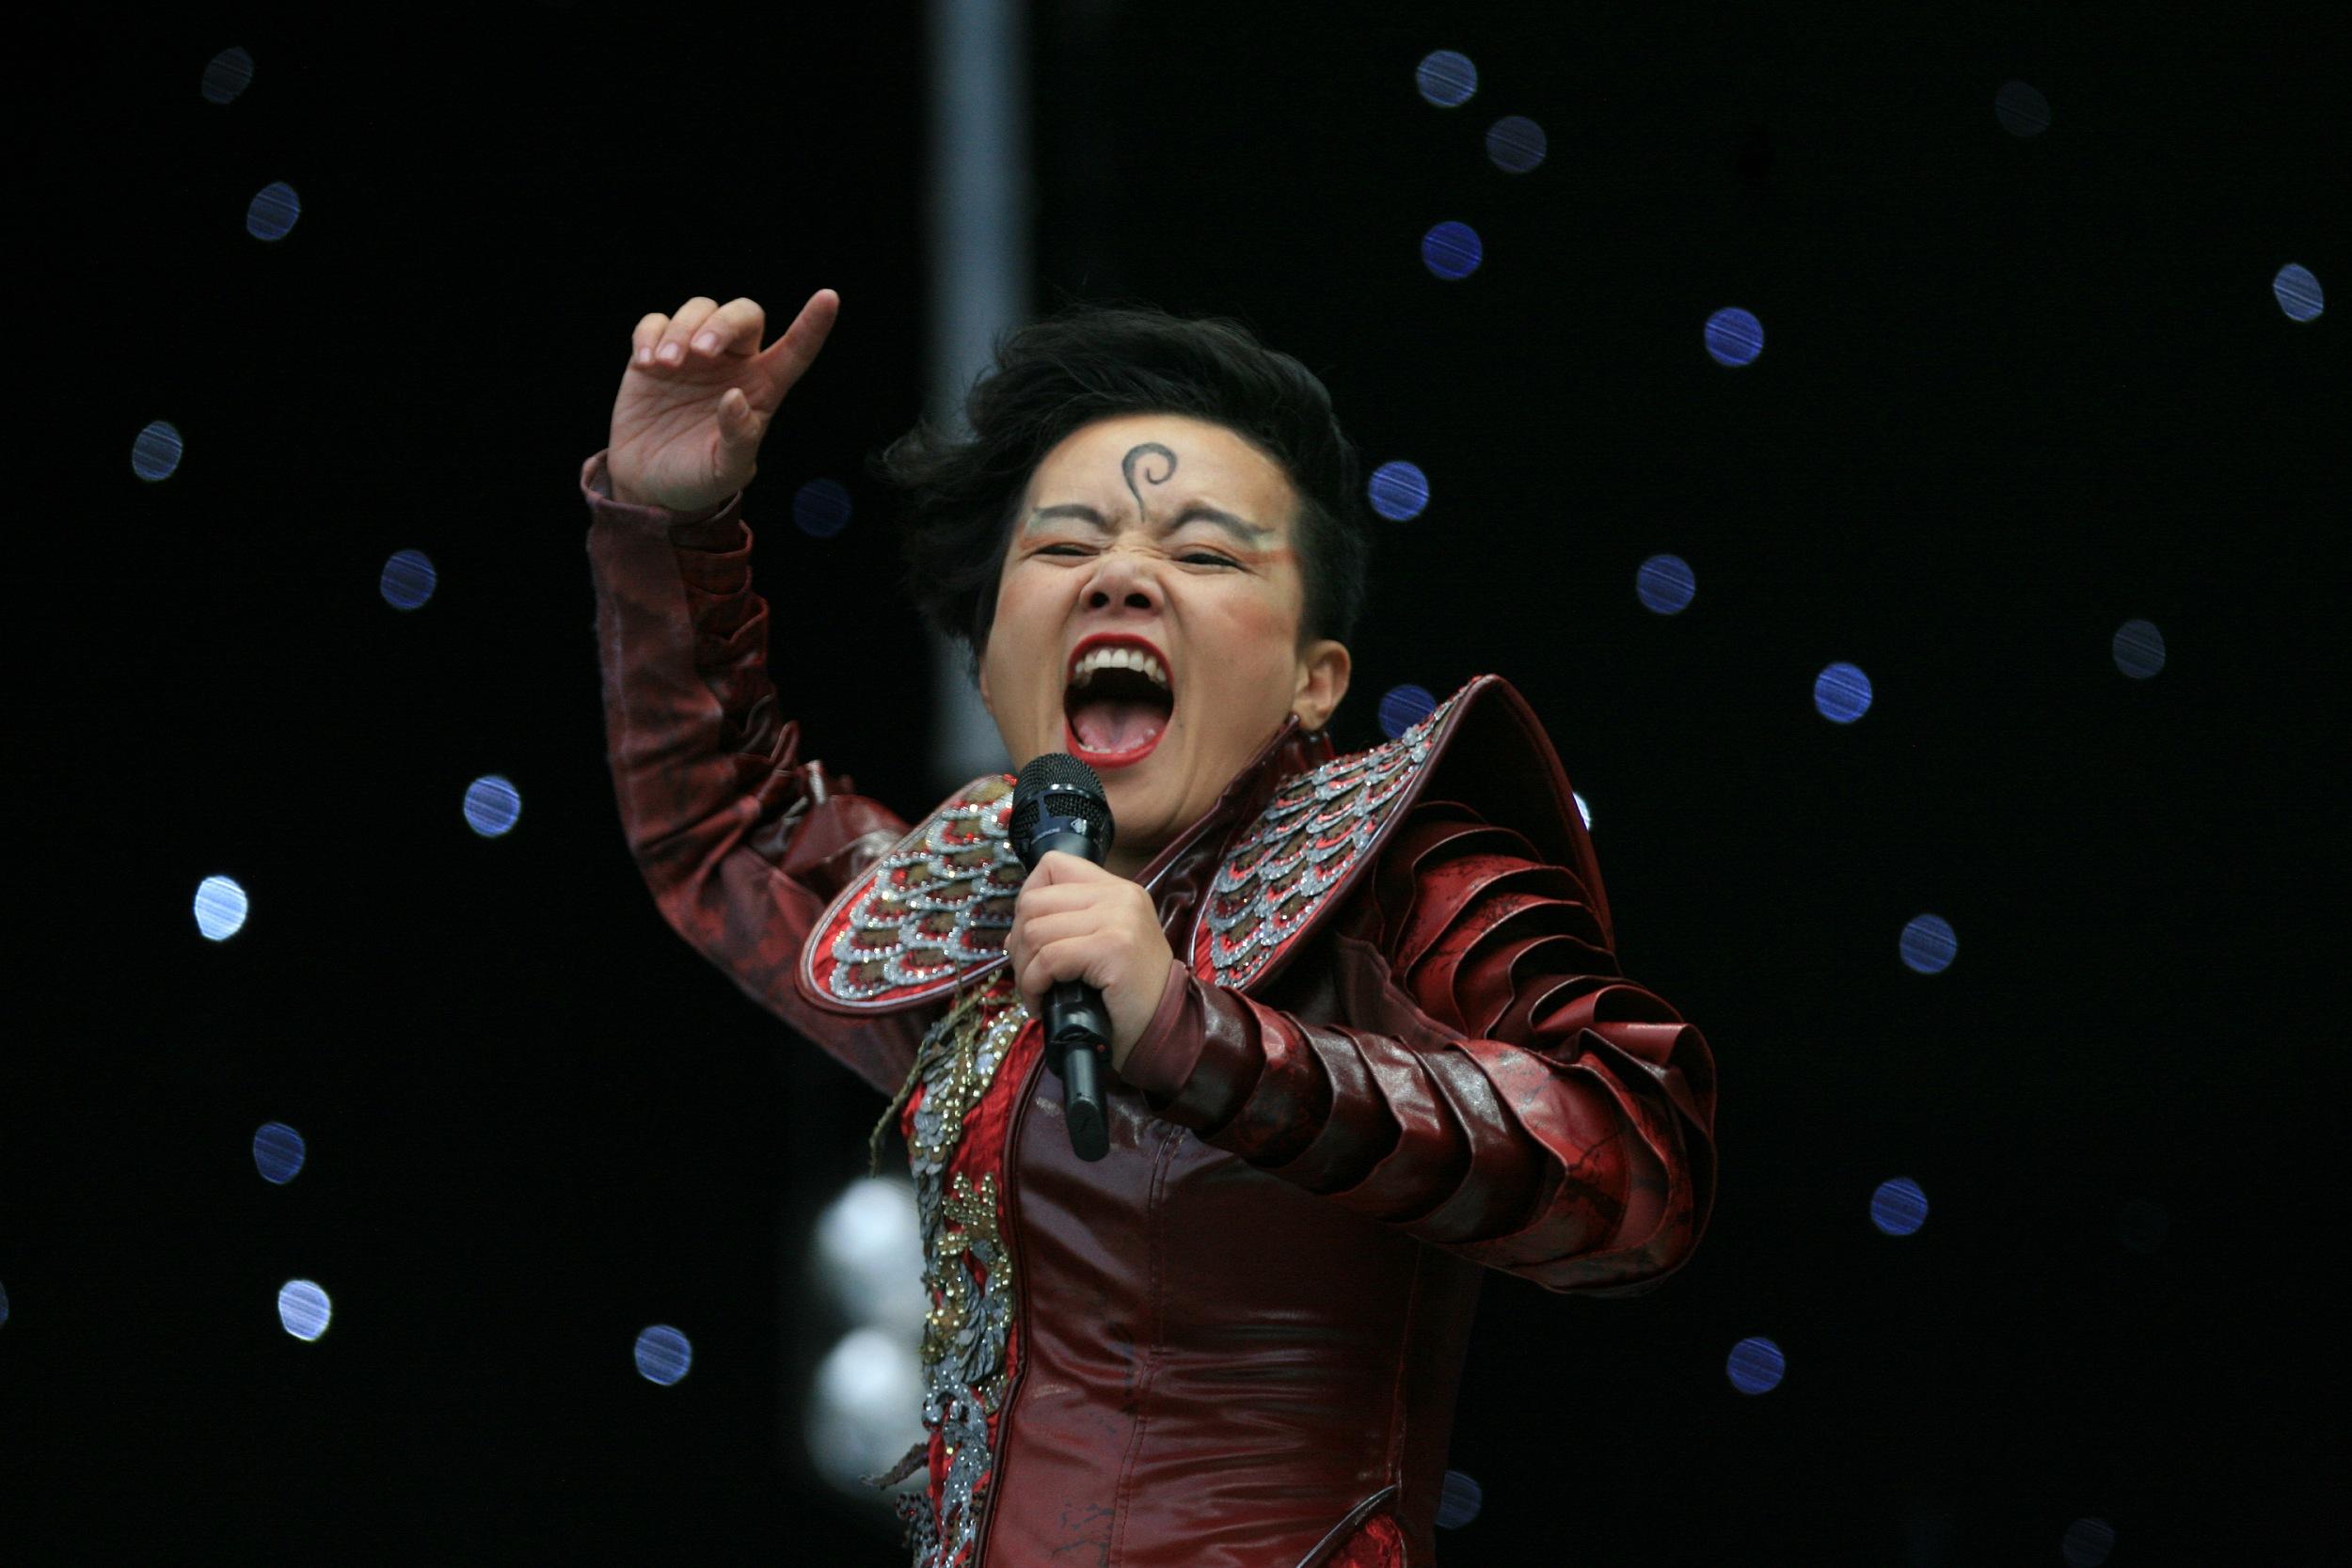 连《歌手》这种级别的音乐节目,也需要靠抄袭侵权搞噱头?